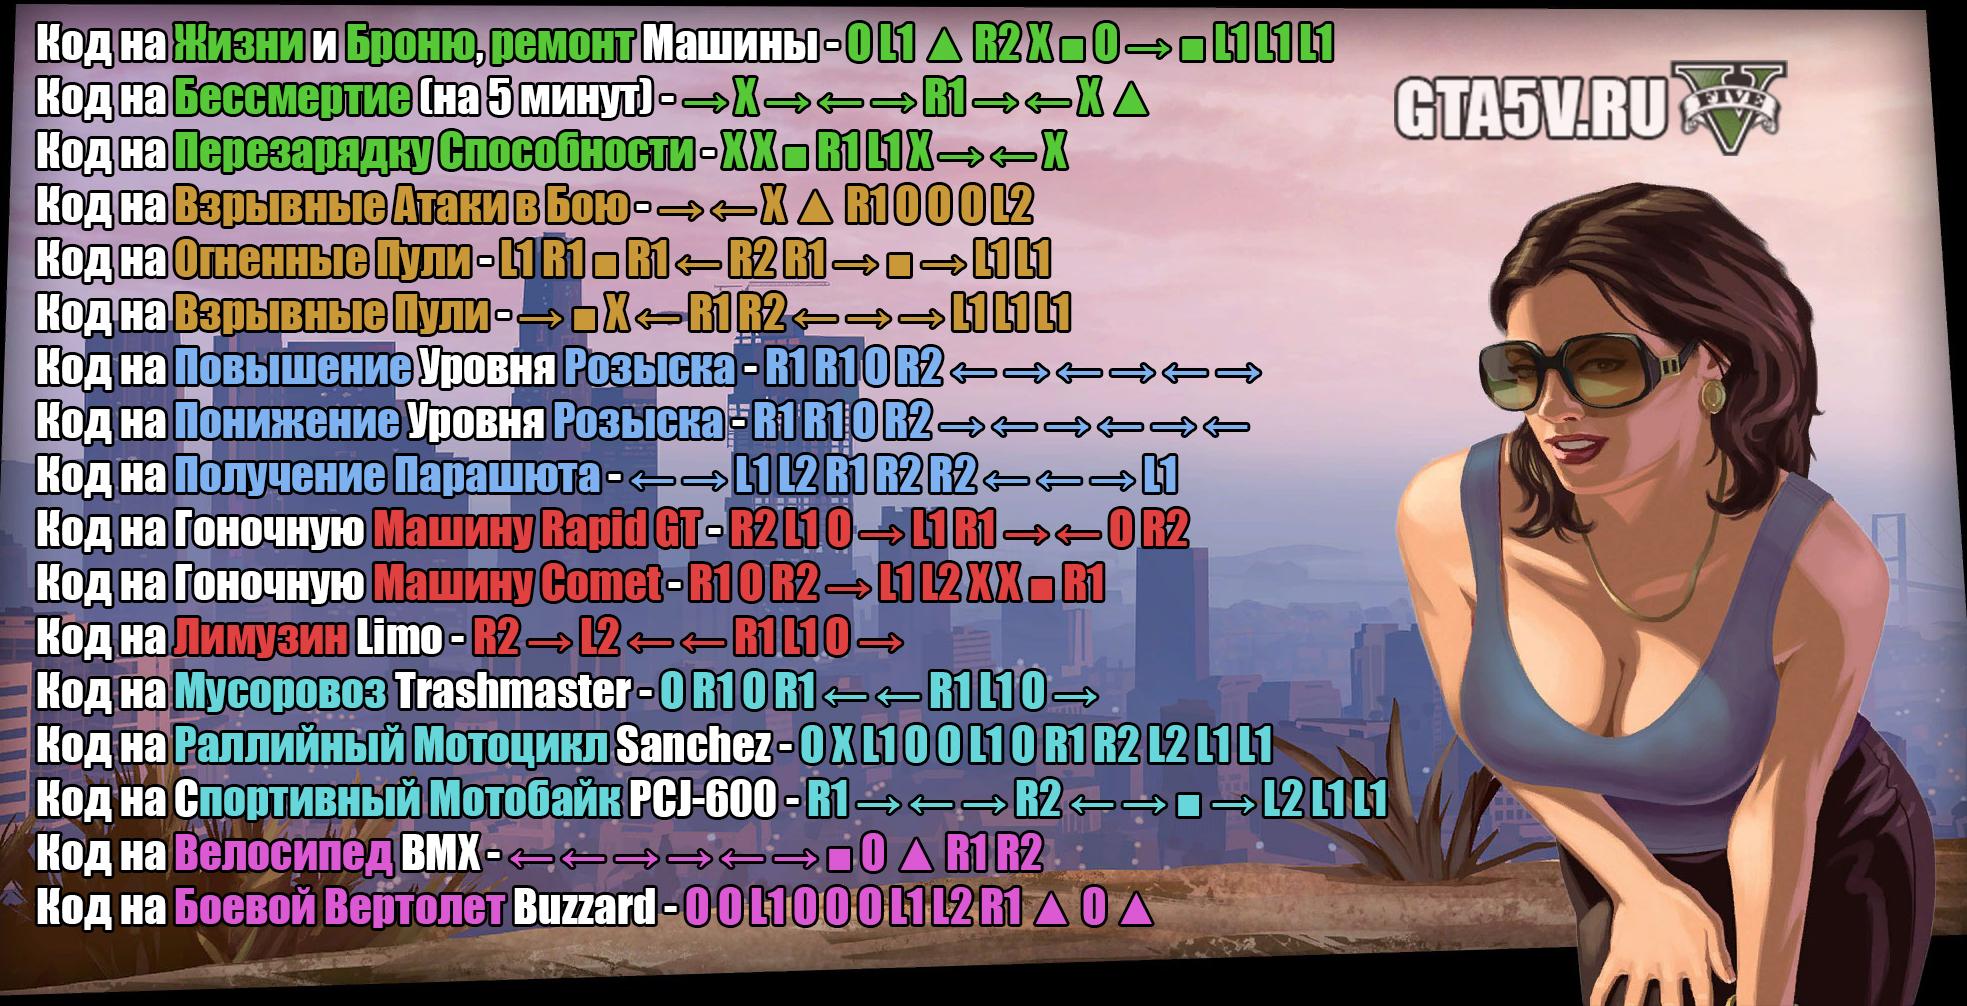 Читы Коды на ГТА 5 на PS4 — Коды на гта 5 на Плейстейшен 4